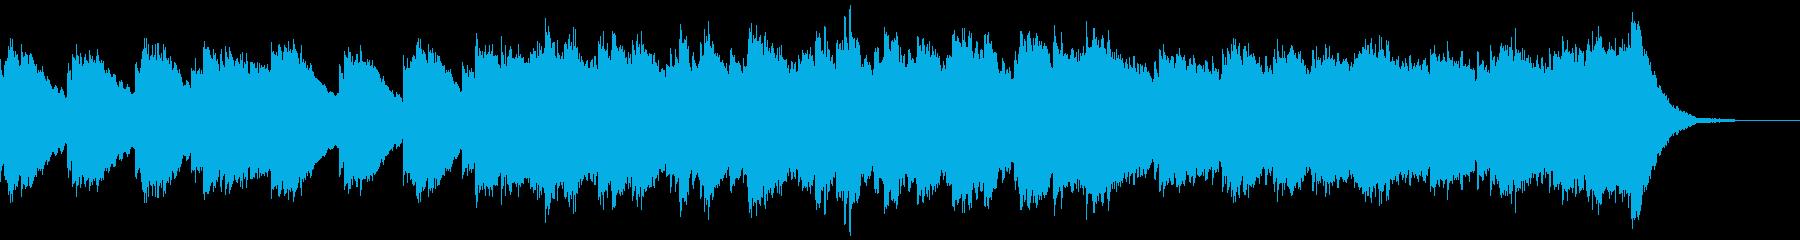 神秘的でほんのり切ないエレピ・ソロの再生済みの波形